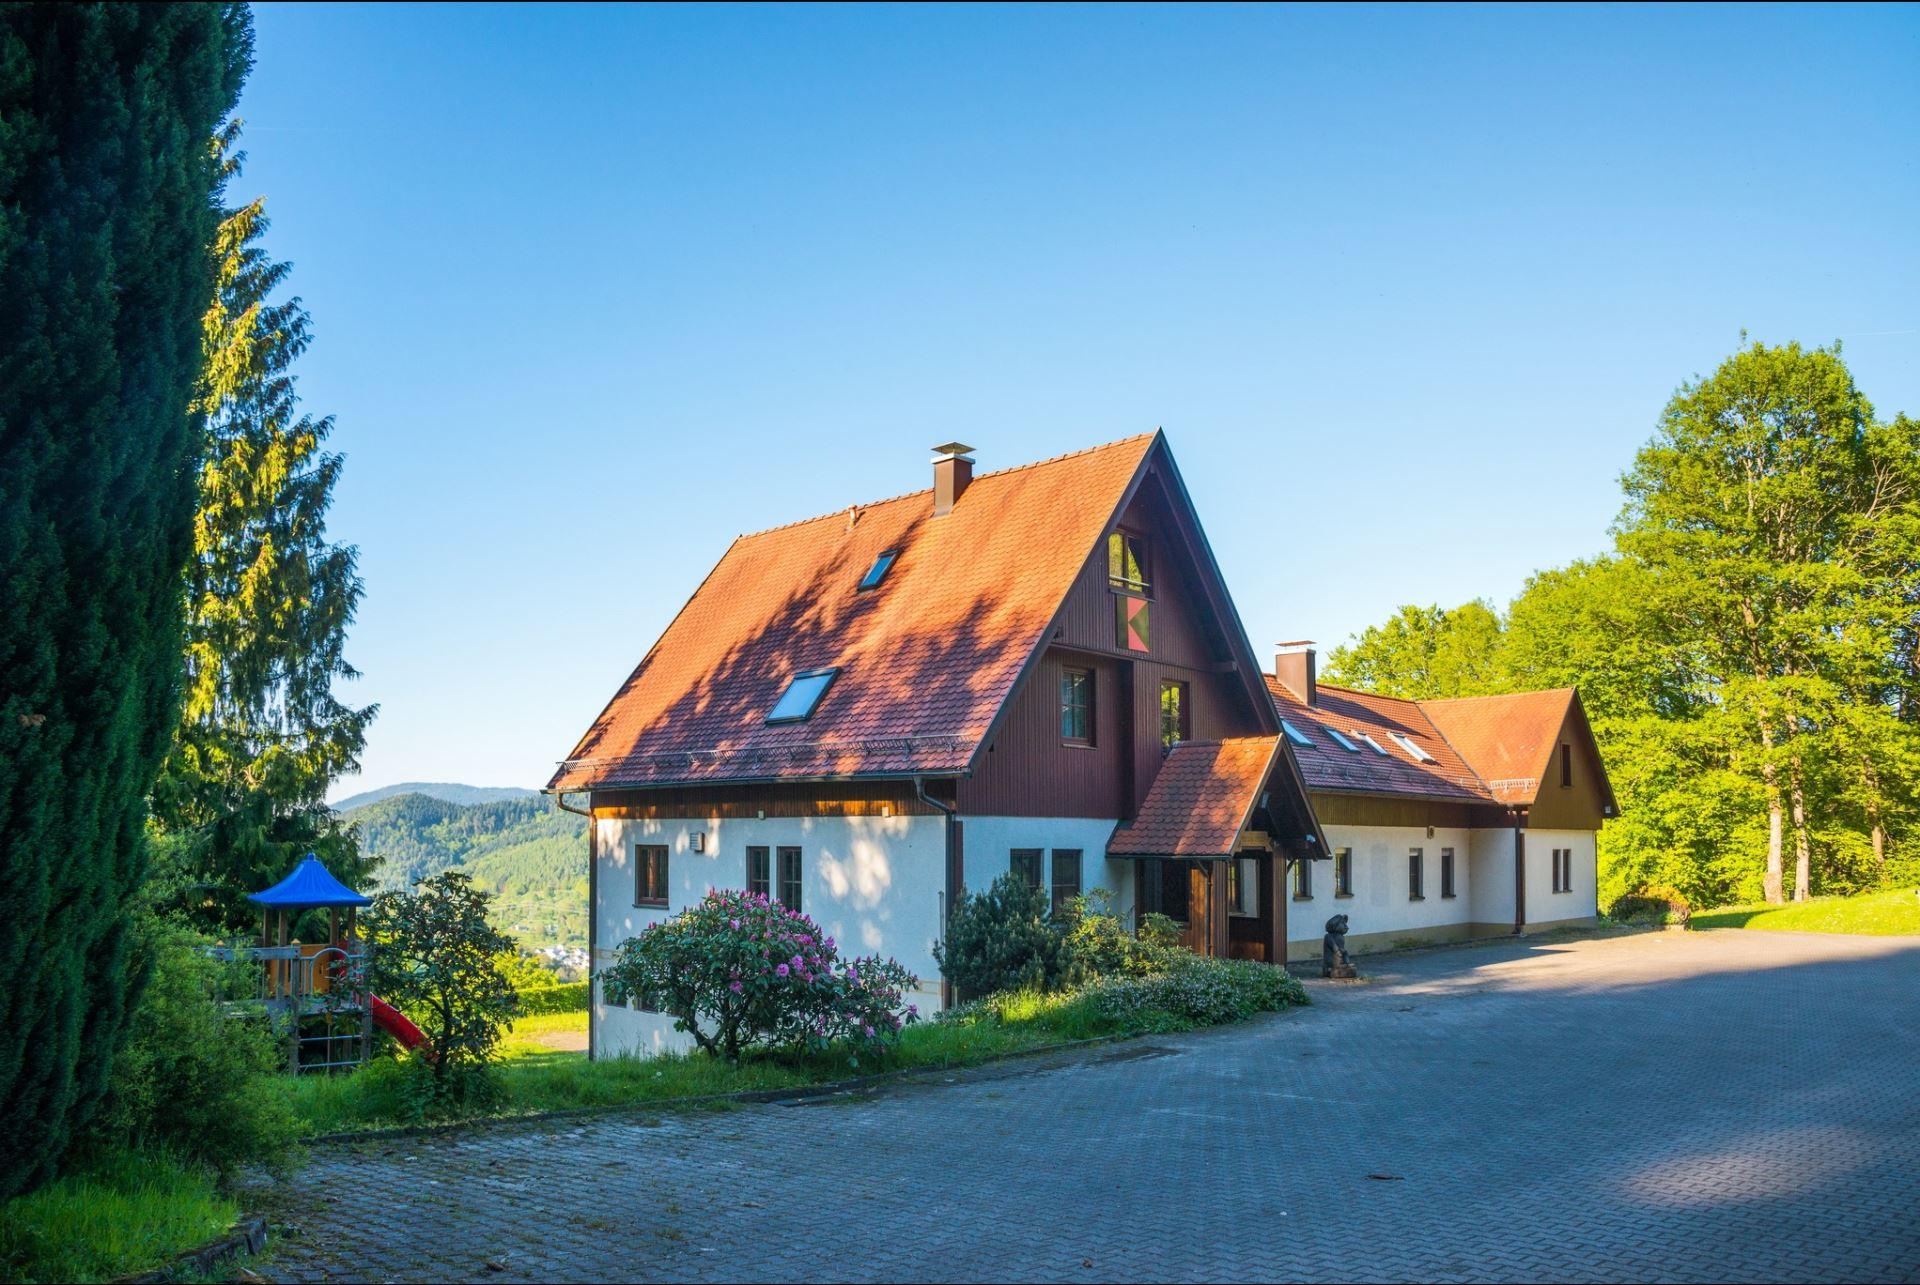 Die Einfahrt zum Kolpinghaus Weisenbach